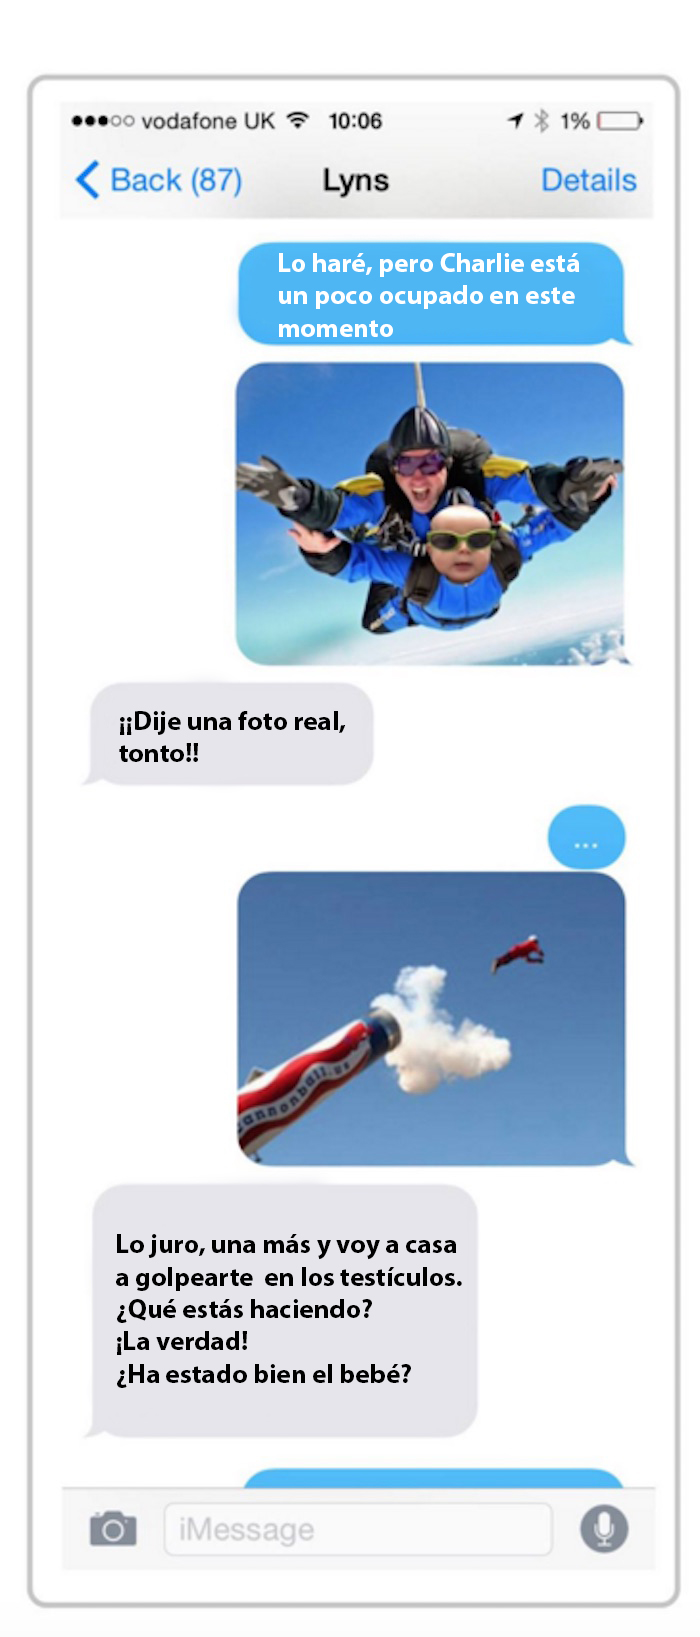 Papá le manda foto a su esposa de su hijo aventándose de un paracaídas